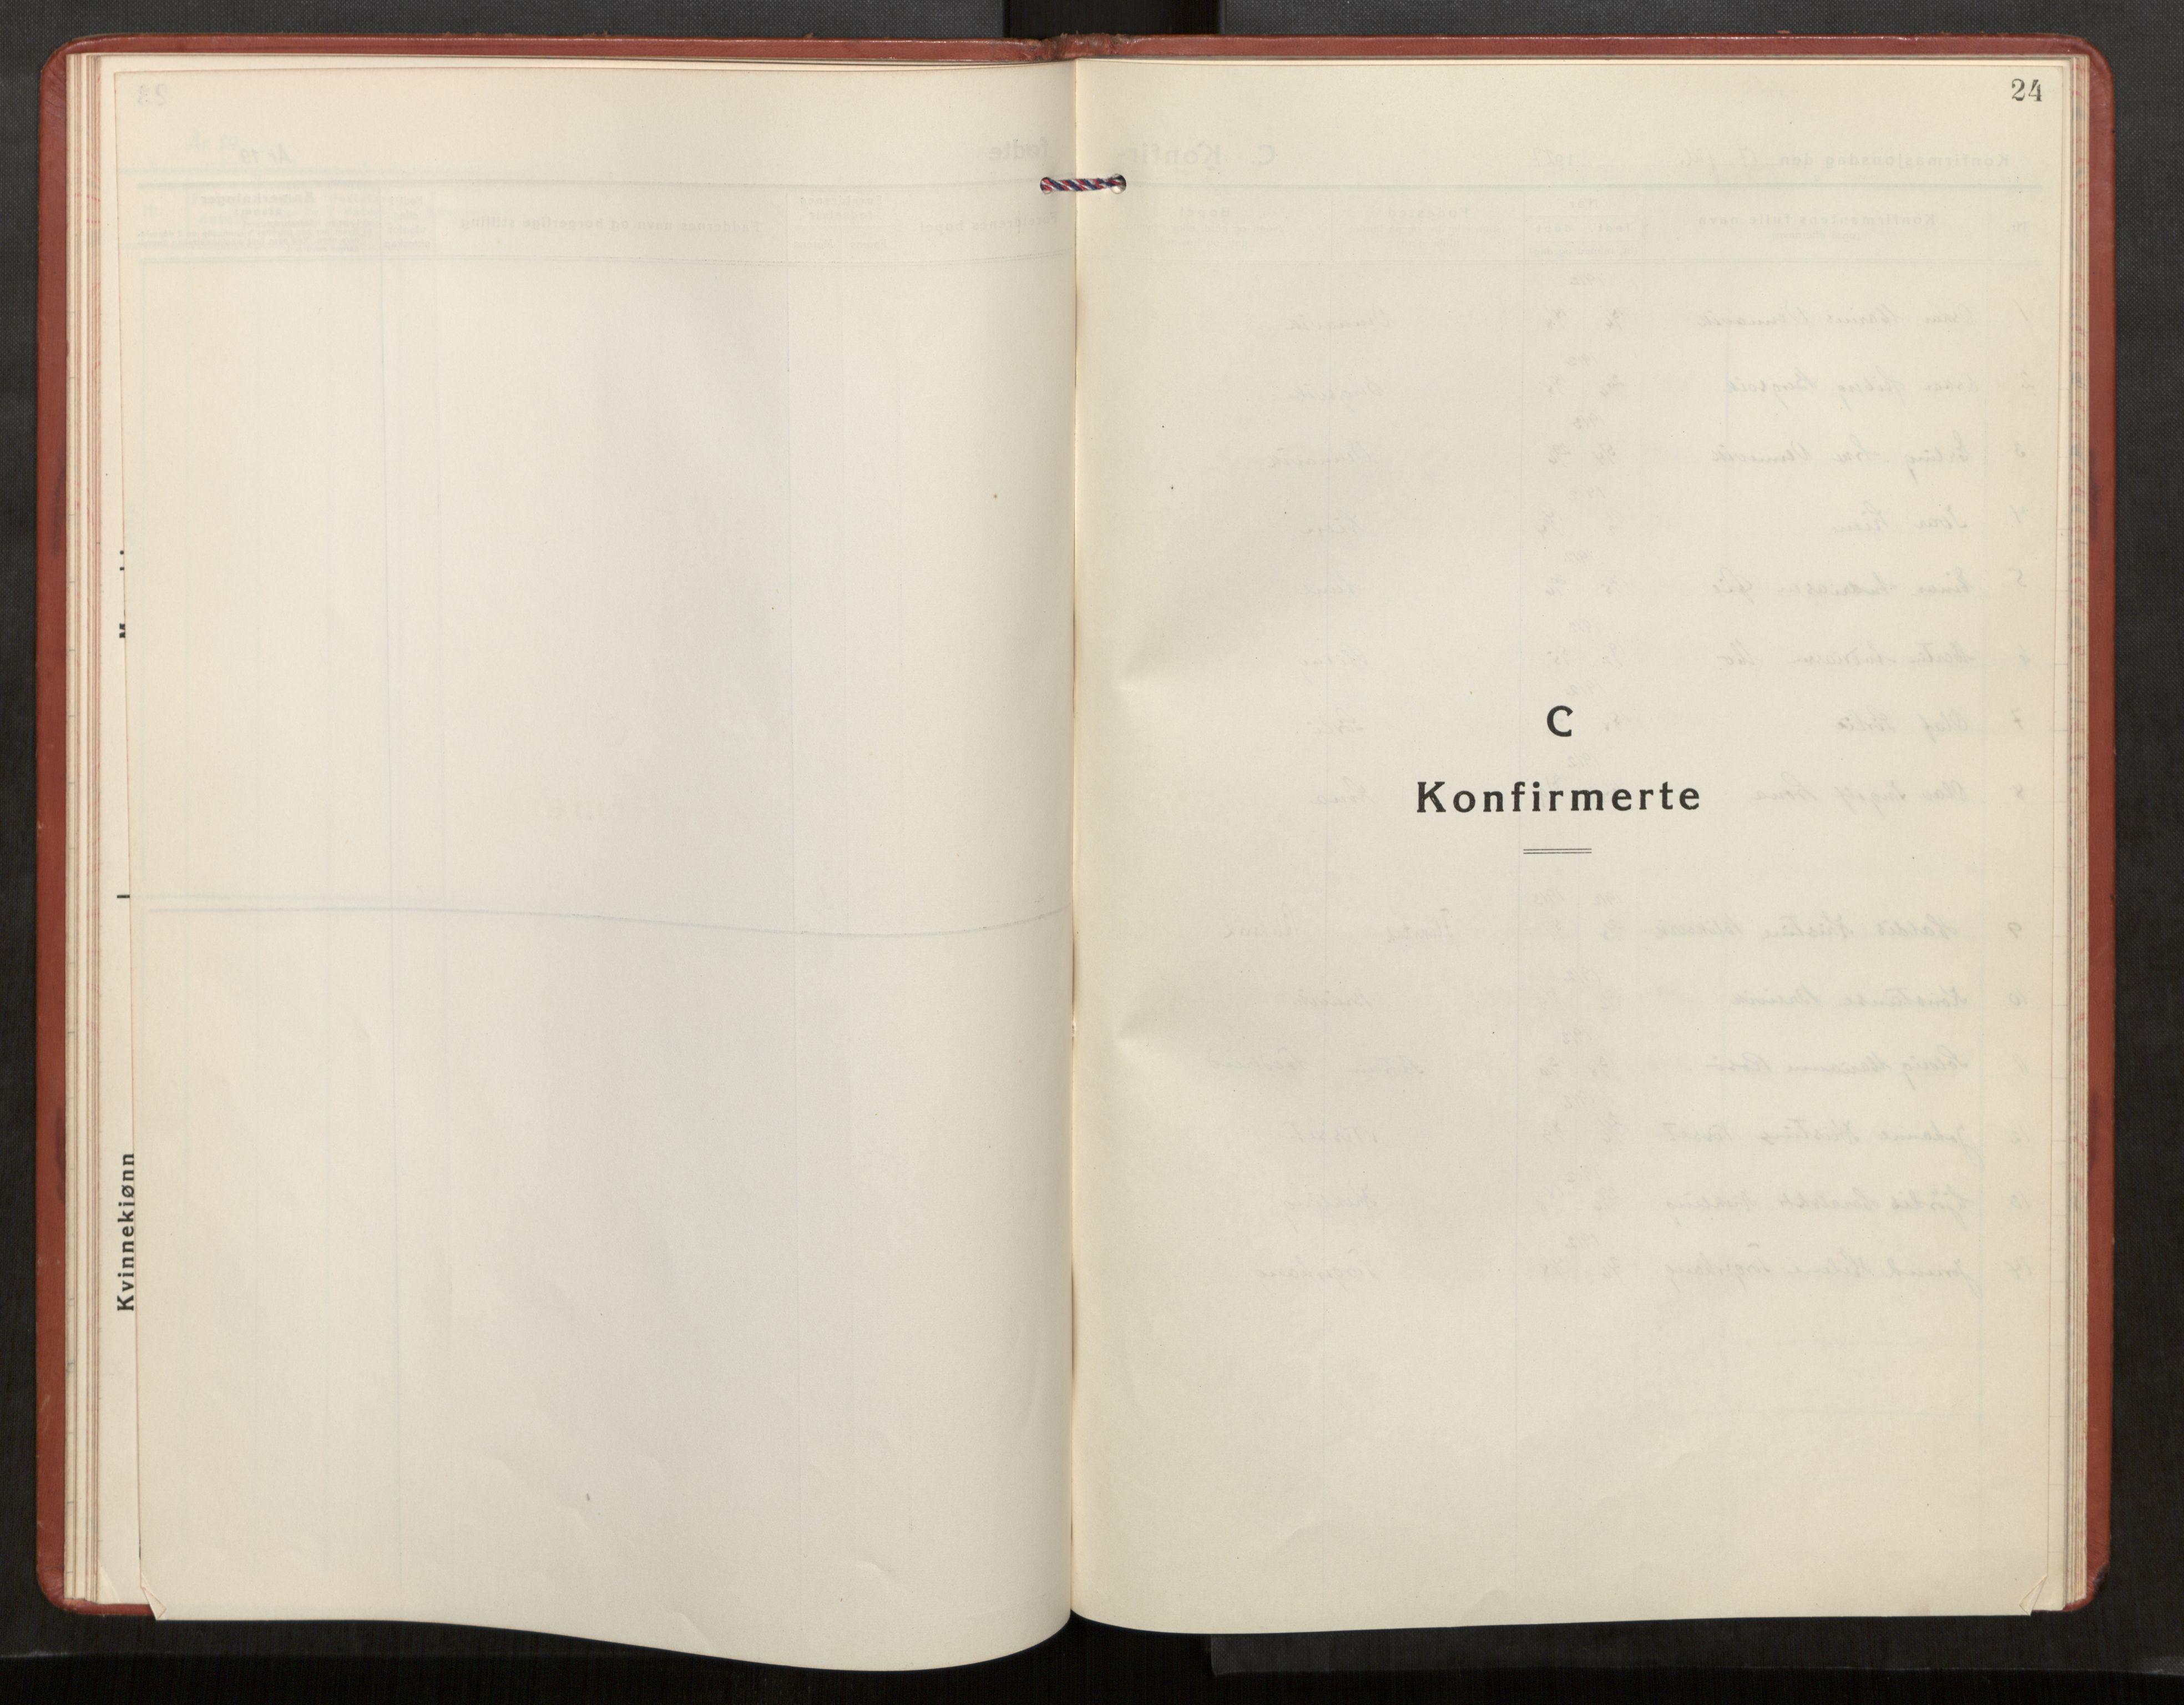 SAT, Kolvereid sokneprestkontor, H/Ha/Haa/L0003: Parish register (official) no. 3, 1927-1935, p. 24